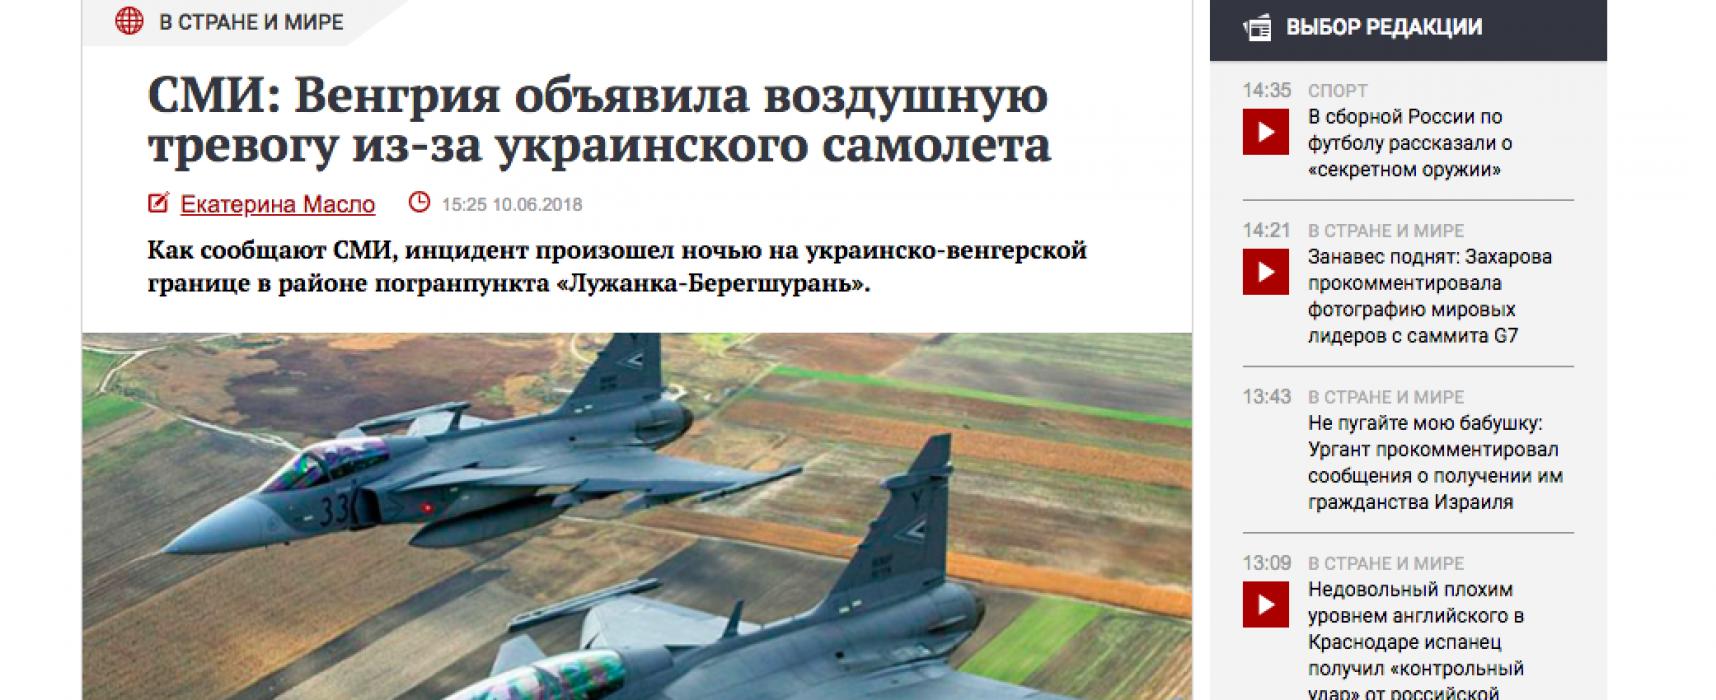 Фейк: Венгрия готовилась сбивать украинский самолет